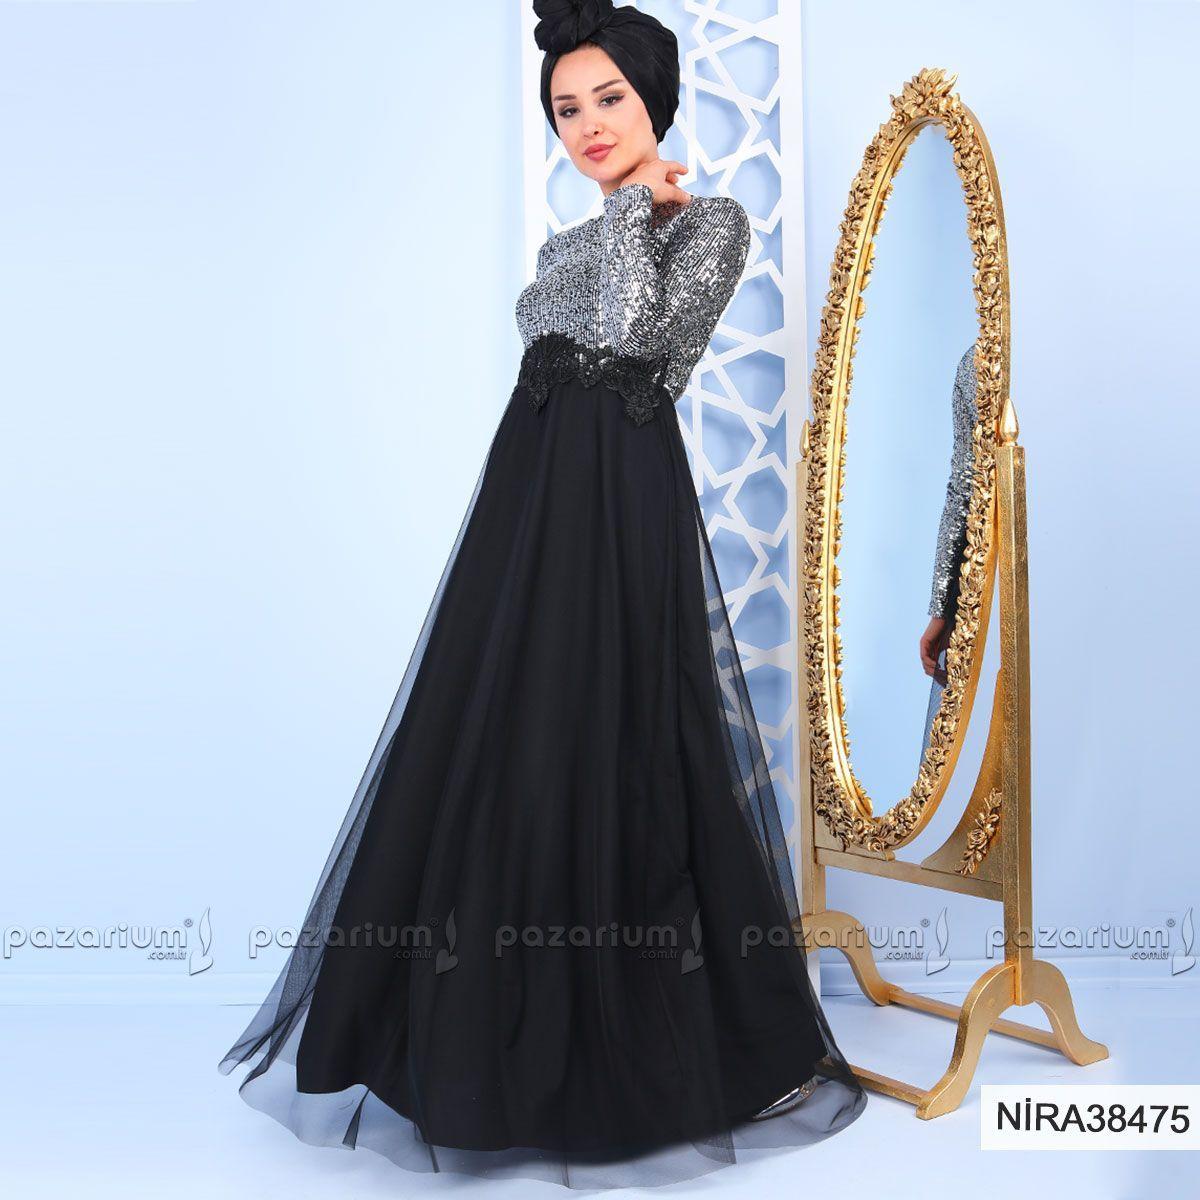 Ust Kisminin Dikisli Pul Suslemeli Altinin Tul Detayli Olmasiyla Dikkat Cekici Sik Bir Gorunume Kavusan Elbise Sirtta Victorian Elbiseler Moda Stilleri Elbise